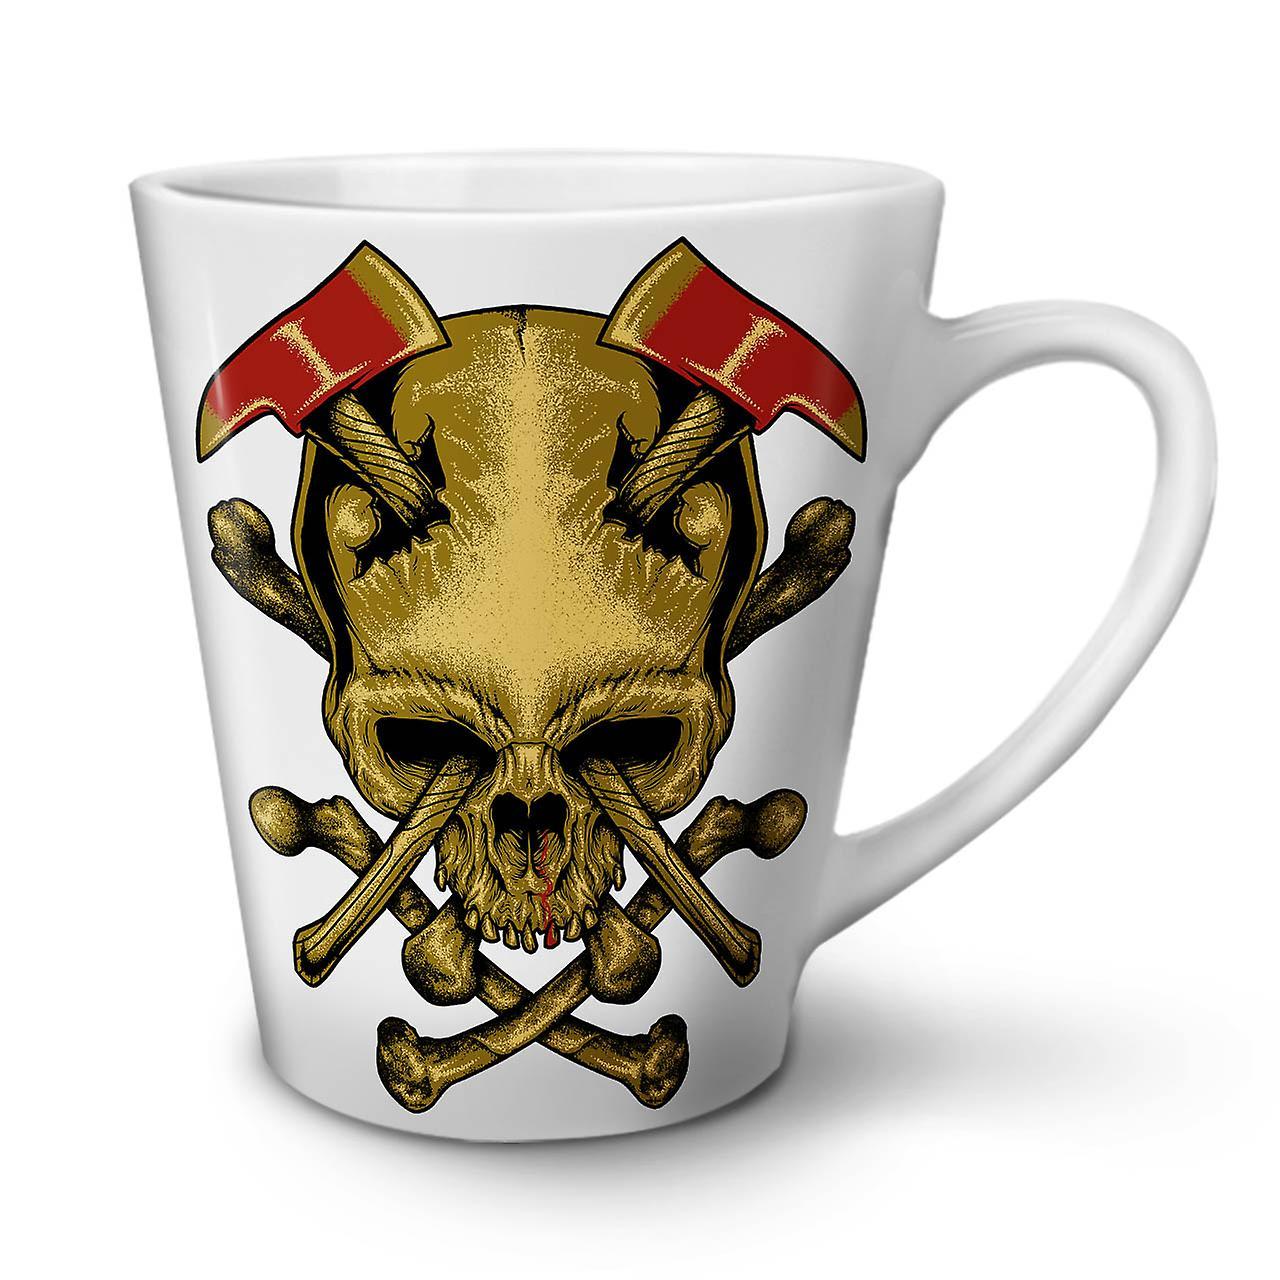 Hache OzWellcoda 12 Café De Nouvelle Le Céramique Goth Tasse En Crâne Guerre Blanche Latte Mort xodBWECeQr